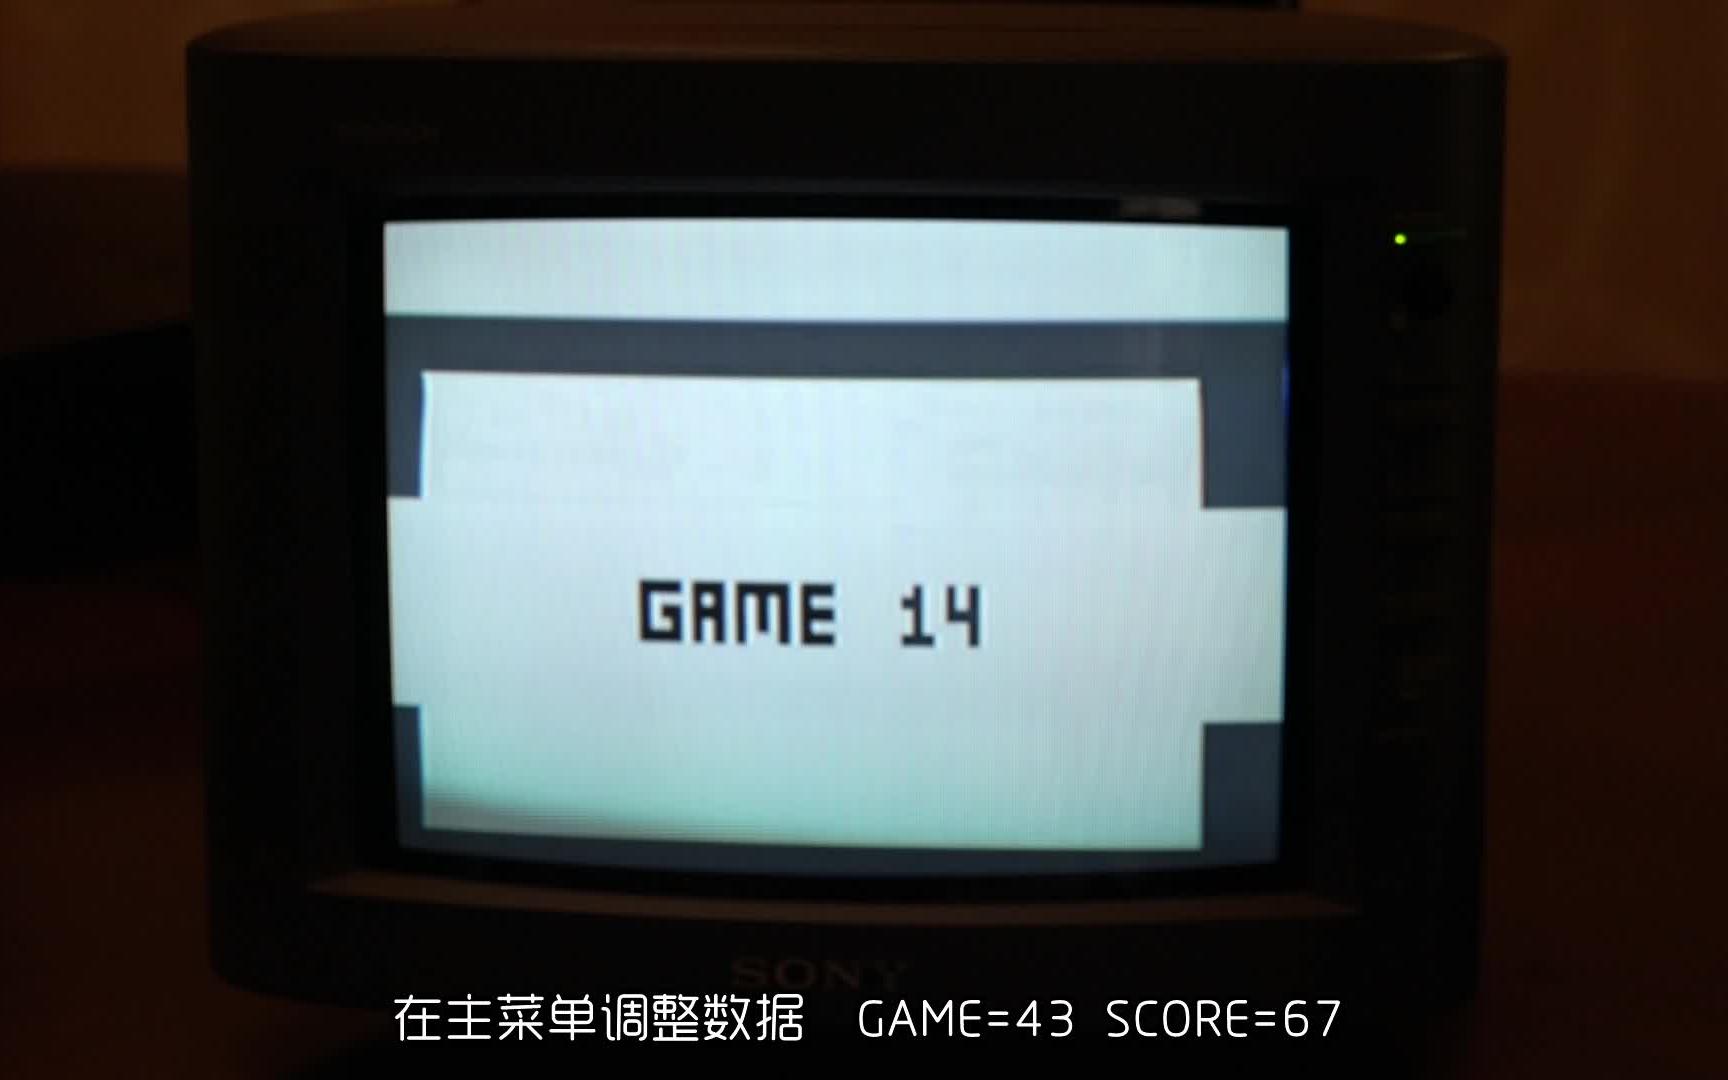 【敖厂长】头号玩家与世界第一款游戏彩蛋